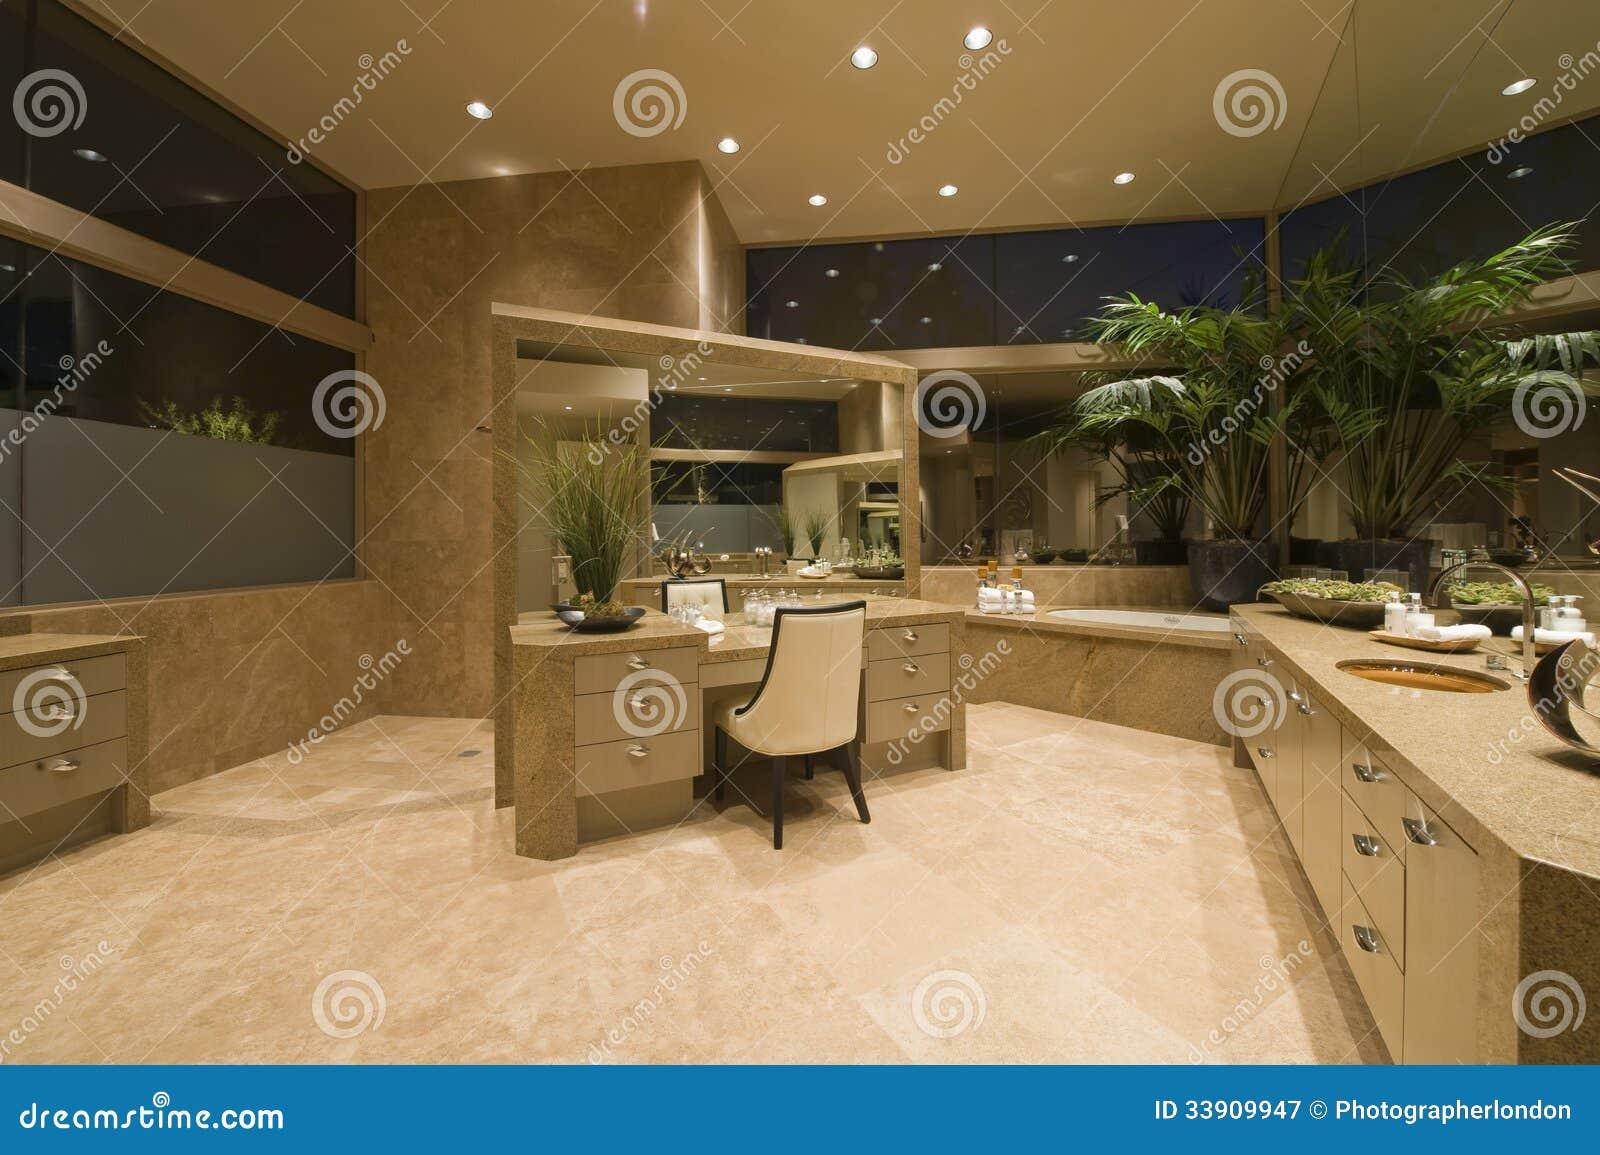 Coiffeuse dans la salle de bains spacieuse photographie for Coiffeuse de salle de bain